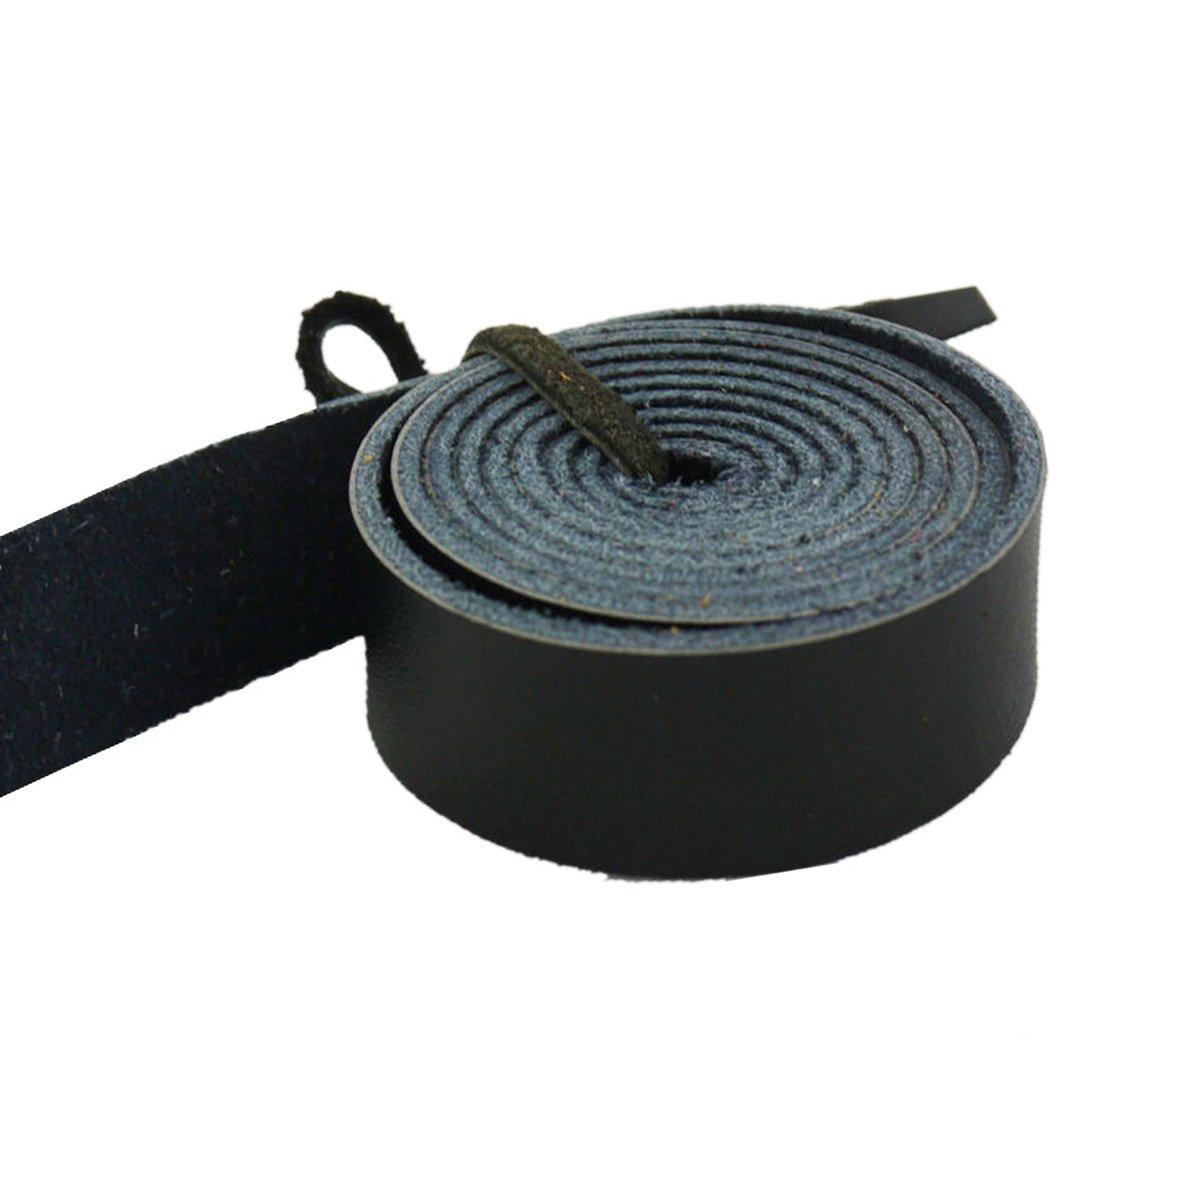 lieomo Leathercraftブラック本革ストラップ、15 mm、1ヤード B073P1M9BH